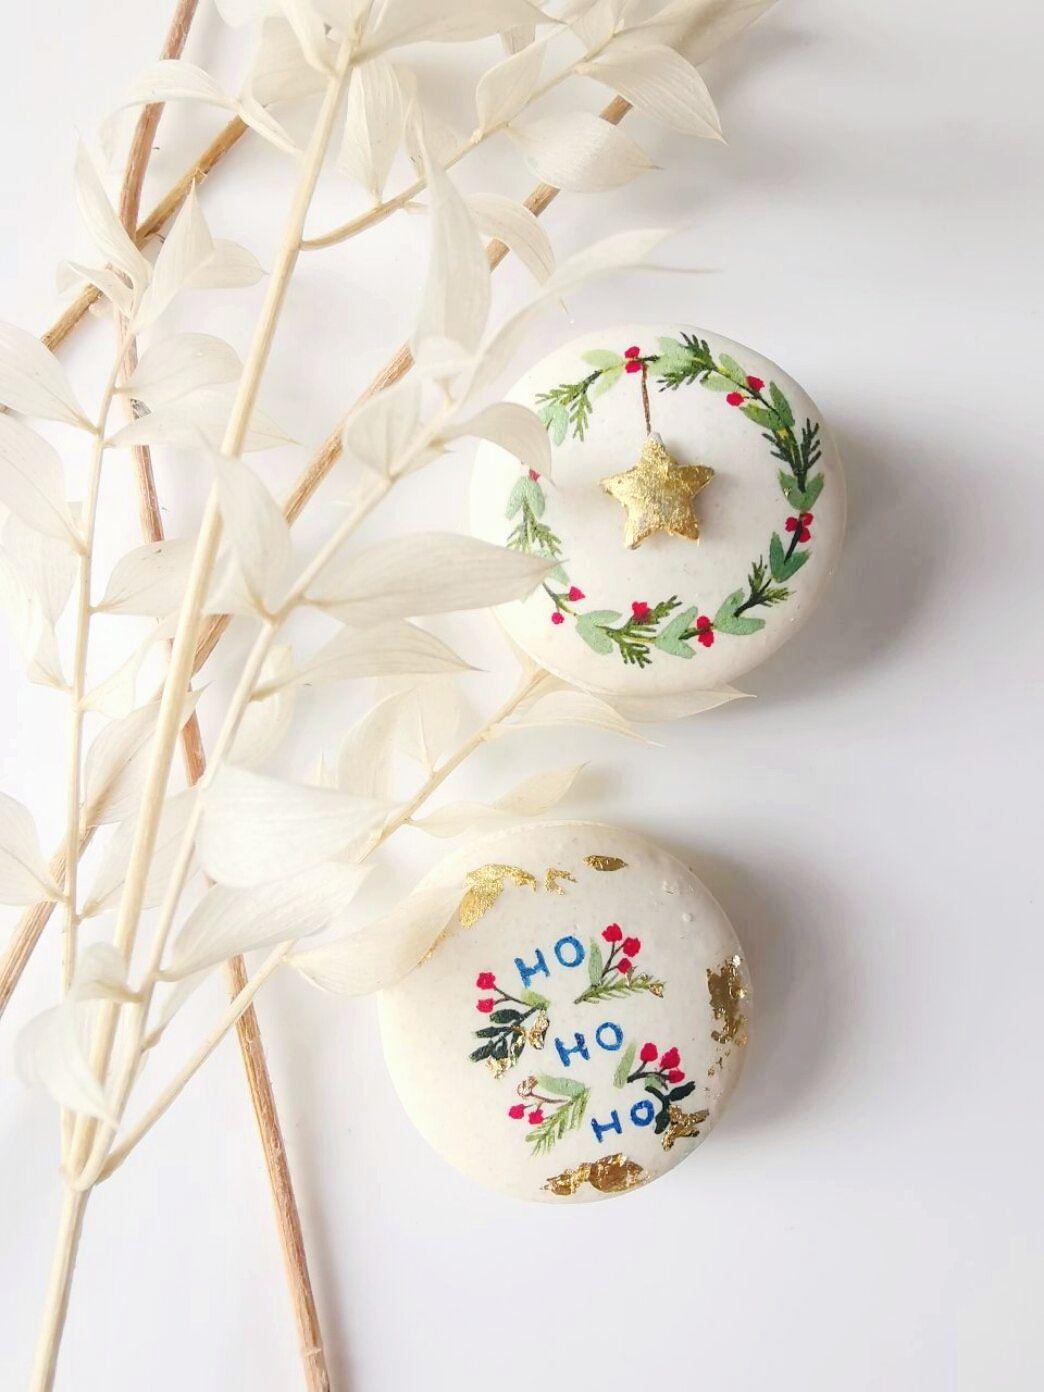 Christmas hand painted macarons